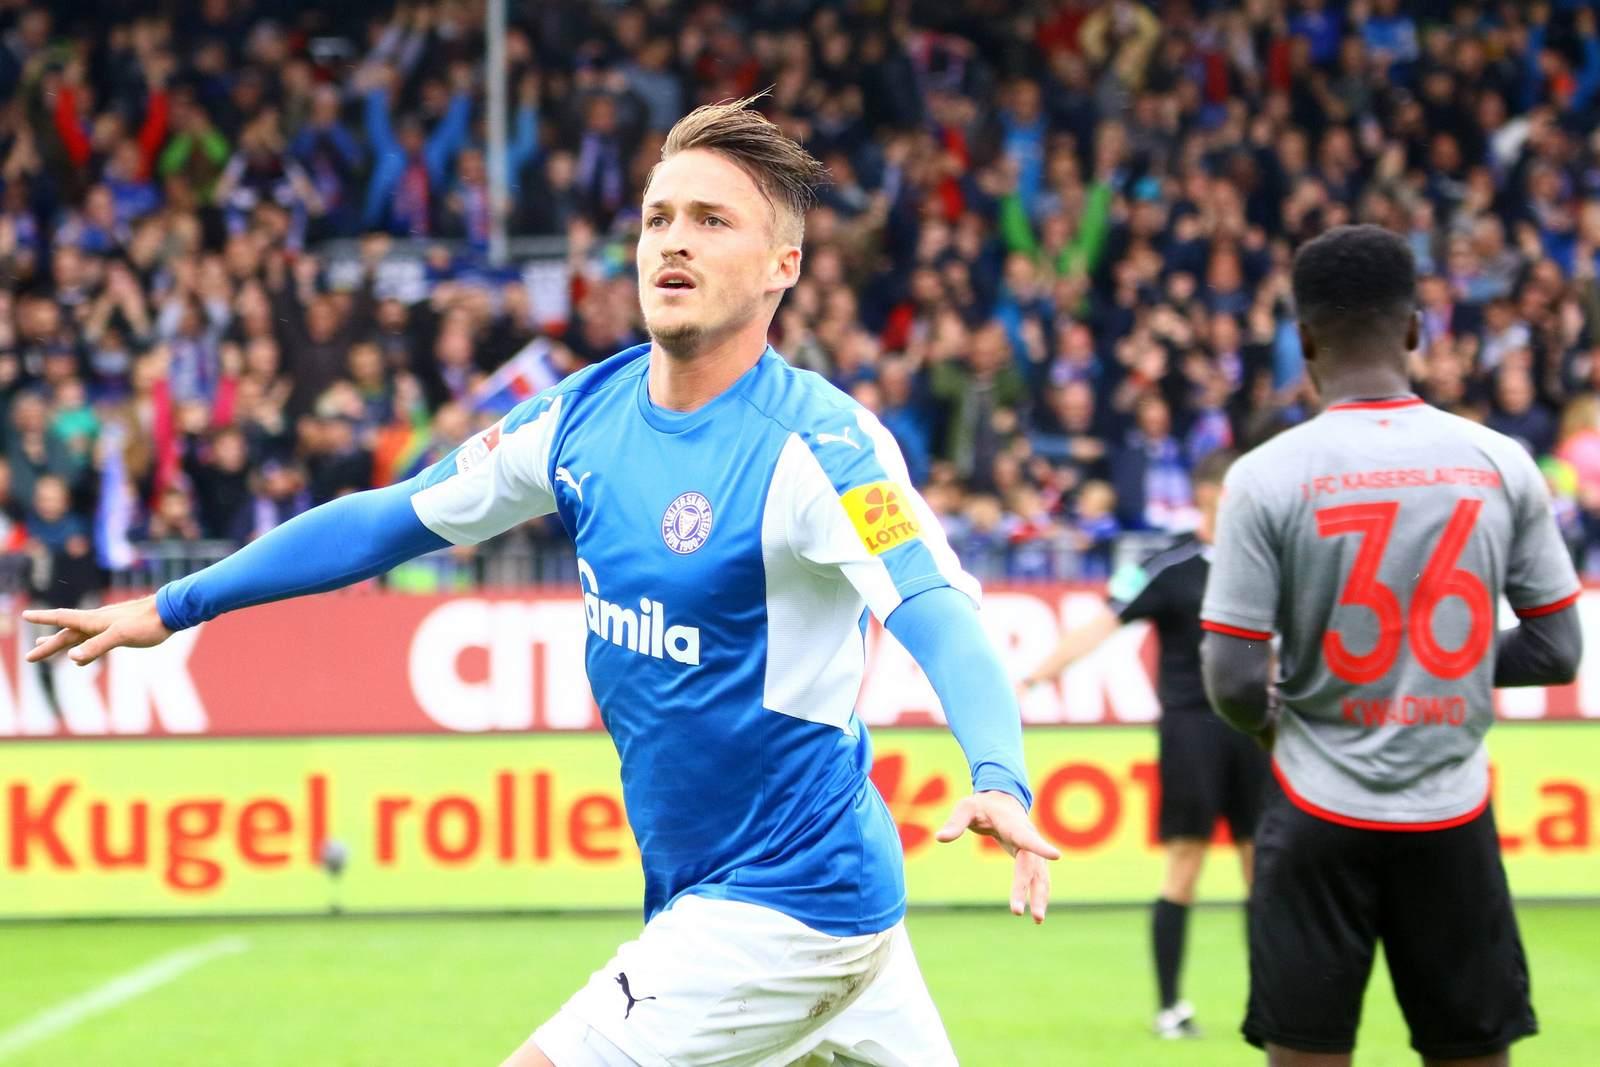 Manuel Janzer jubelt nach dem 2:1 über den 1. FC Kaiserslautern